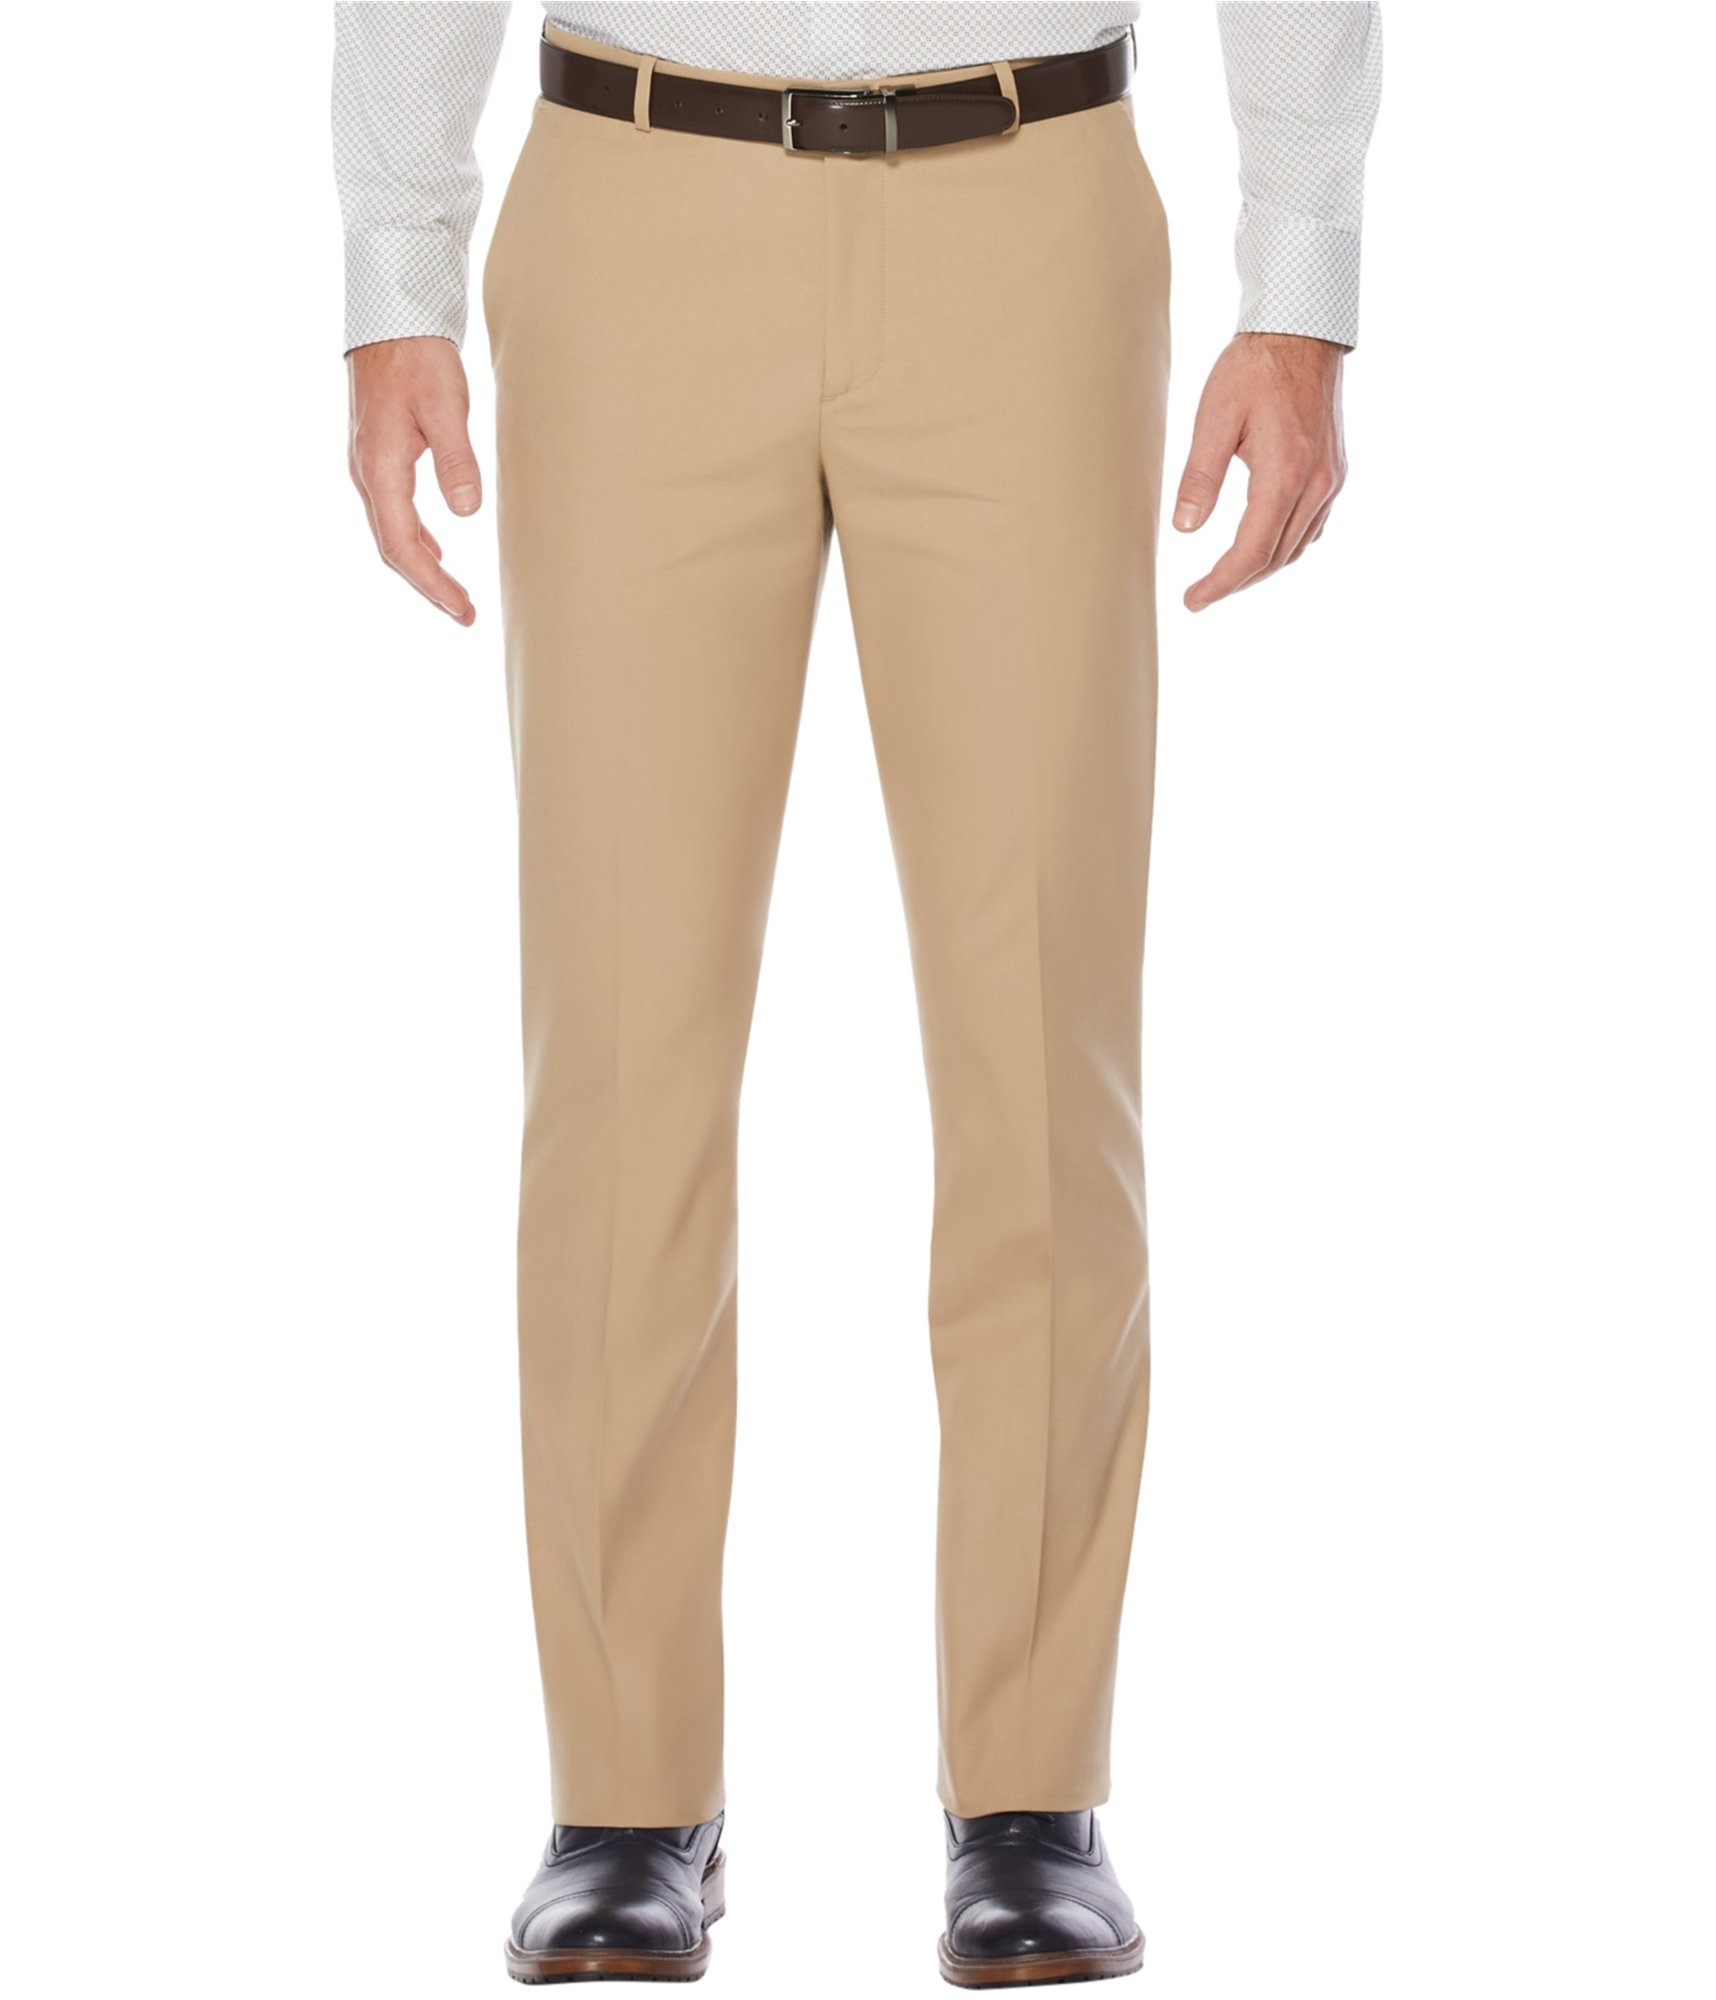 Perry Ellis Men's Slim Fit Travel Luxe Cotton Pant, Pale Khaki, 36W X 30L